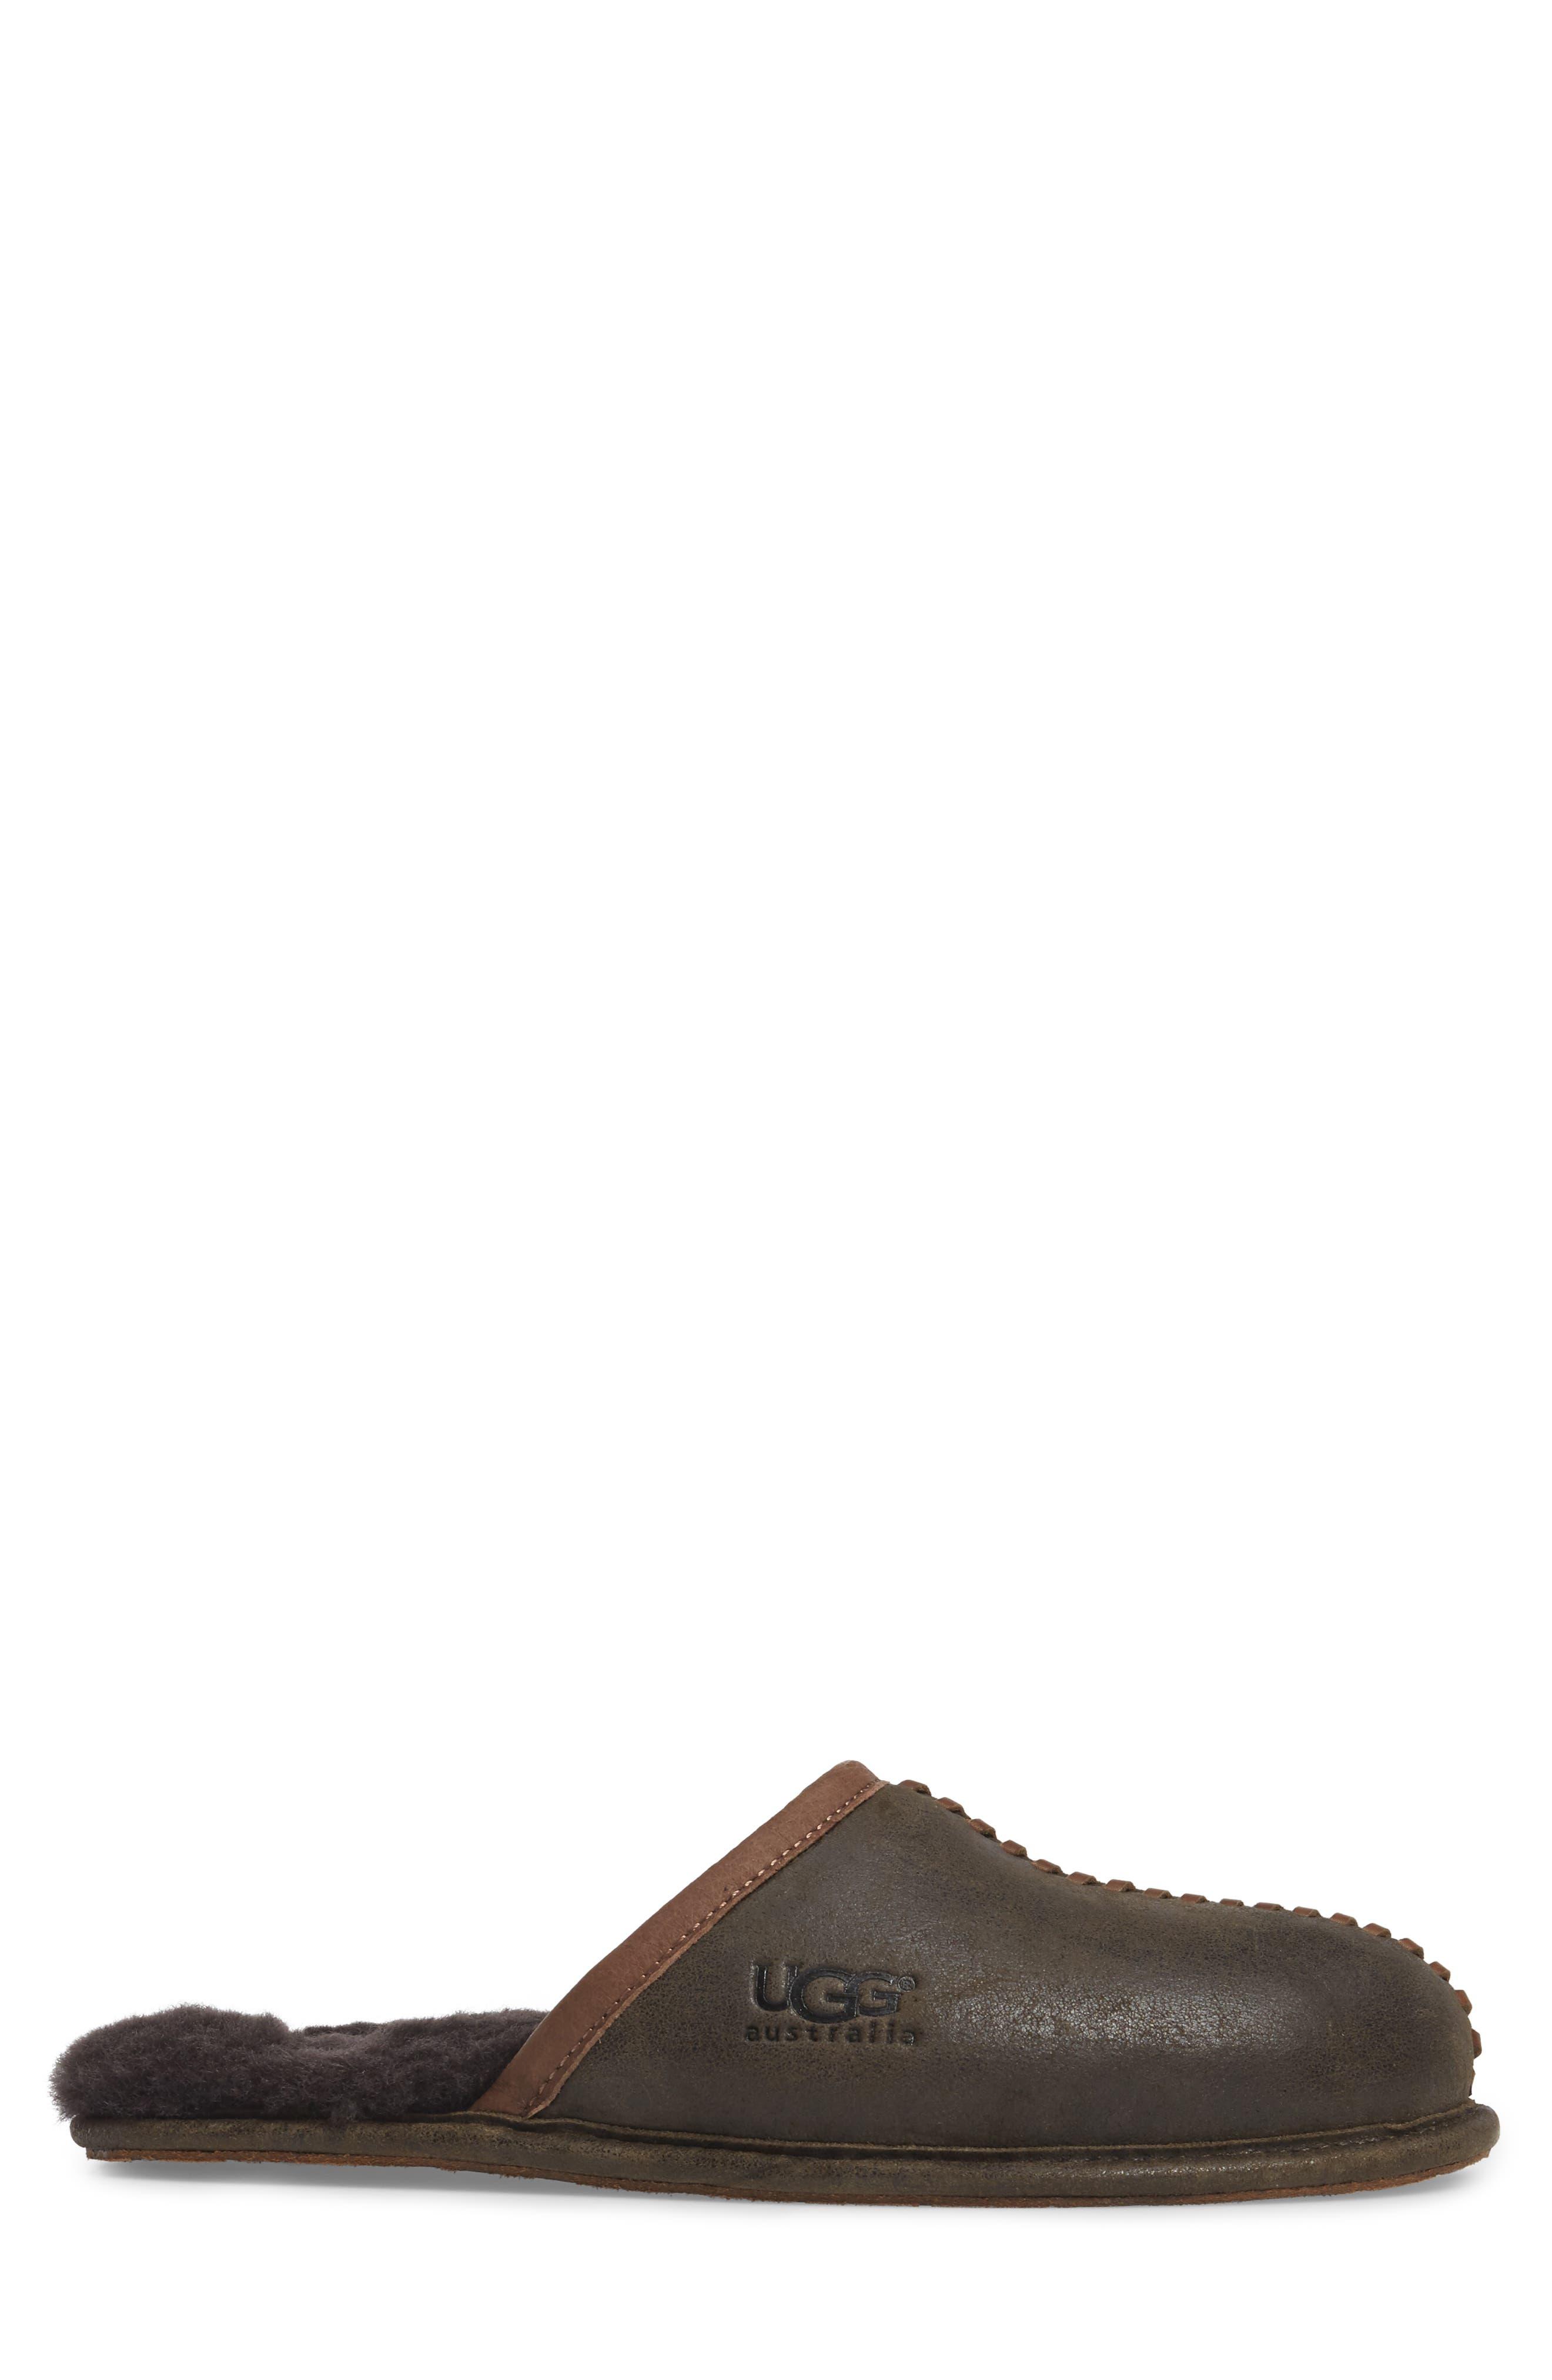 Scuff - Deco Genuine Shearling Slipper,                             Alternate thumbnail 3, color,                             Stout